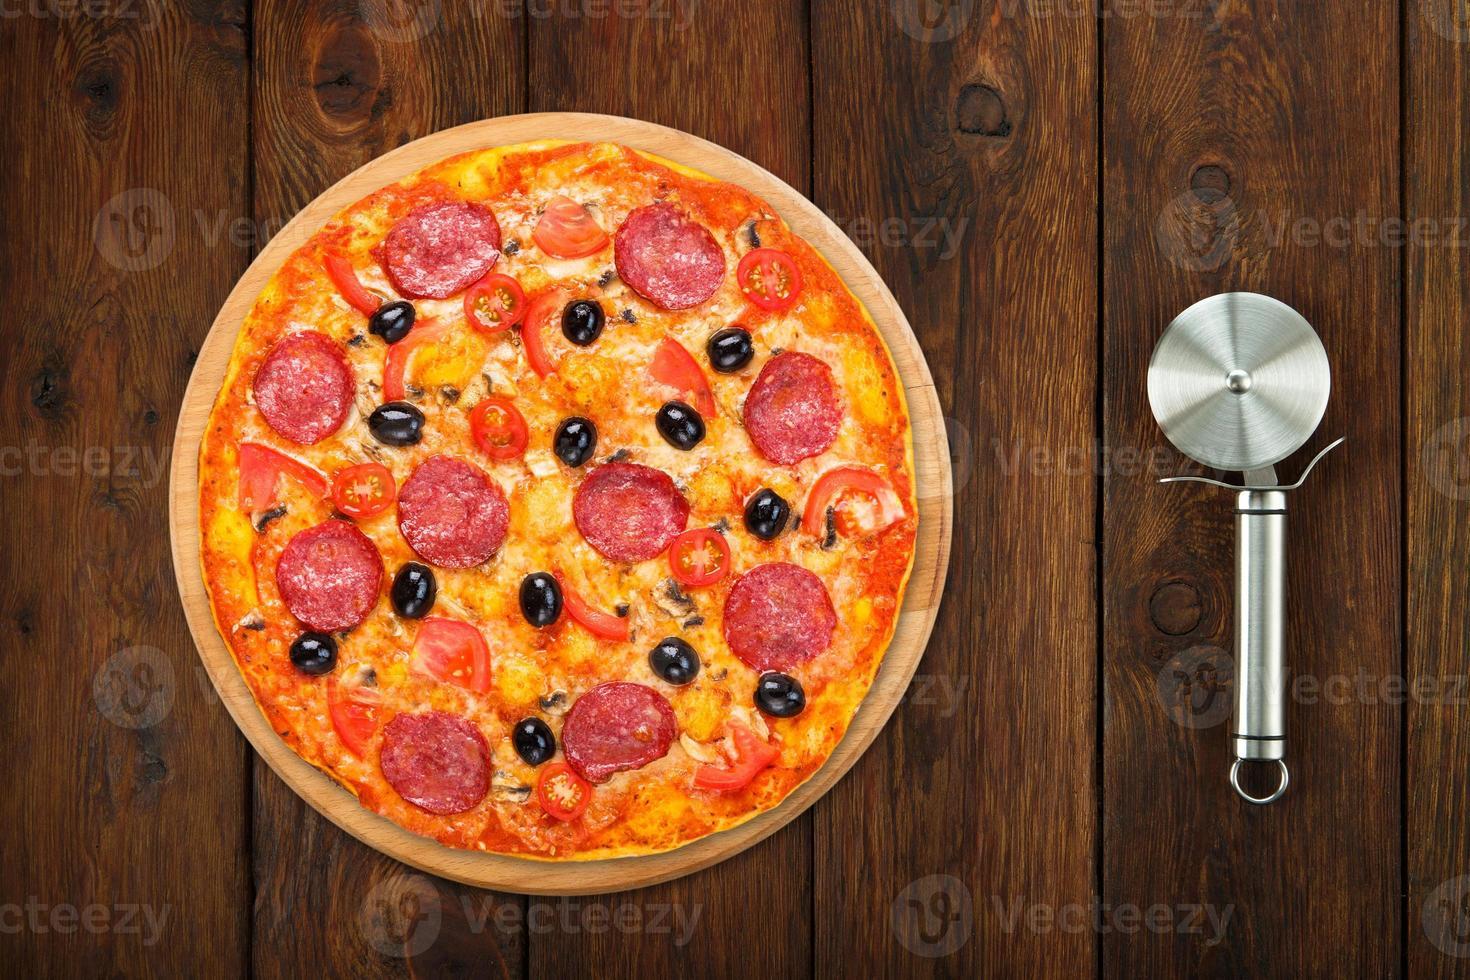 deliciosa pizza com salam e cogumelos com cortador de aço foto